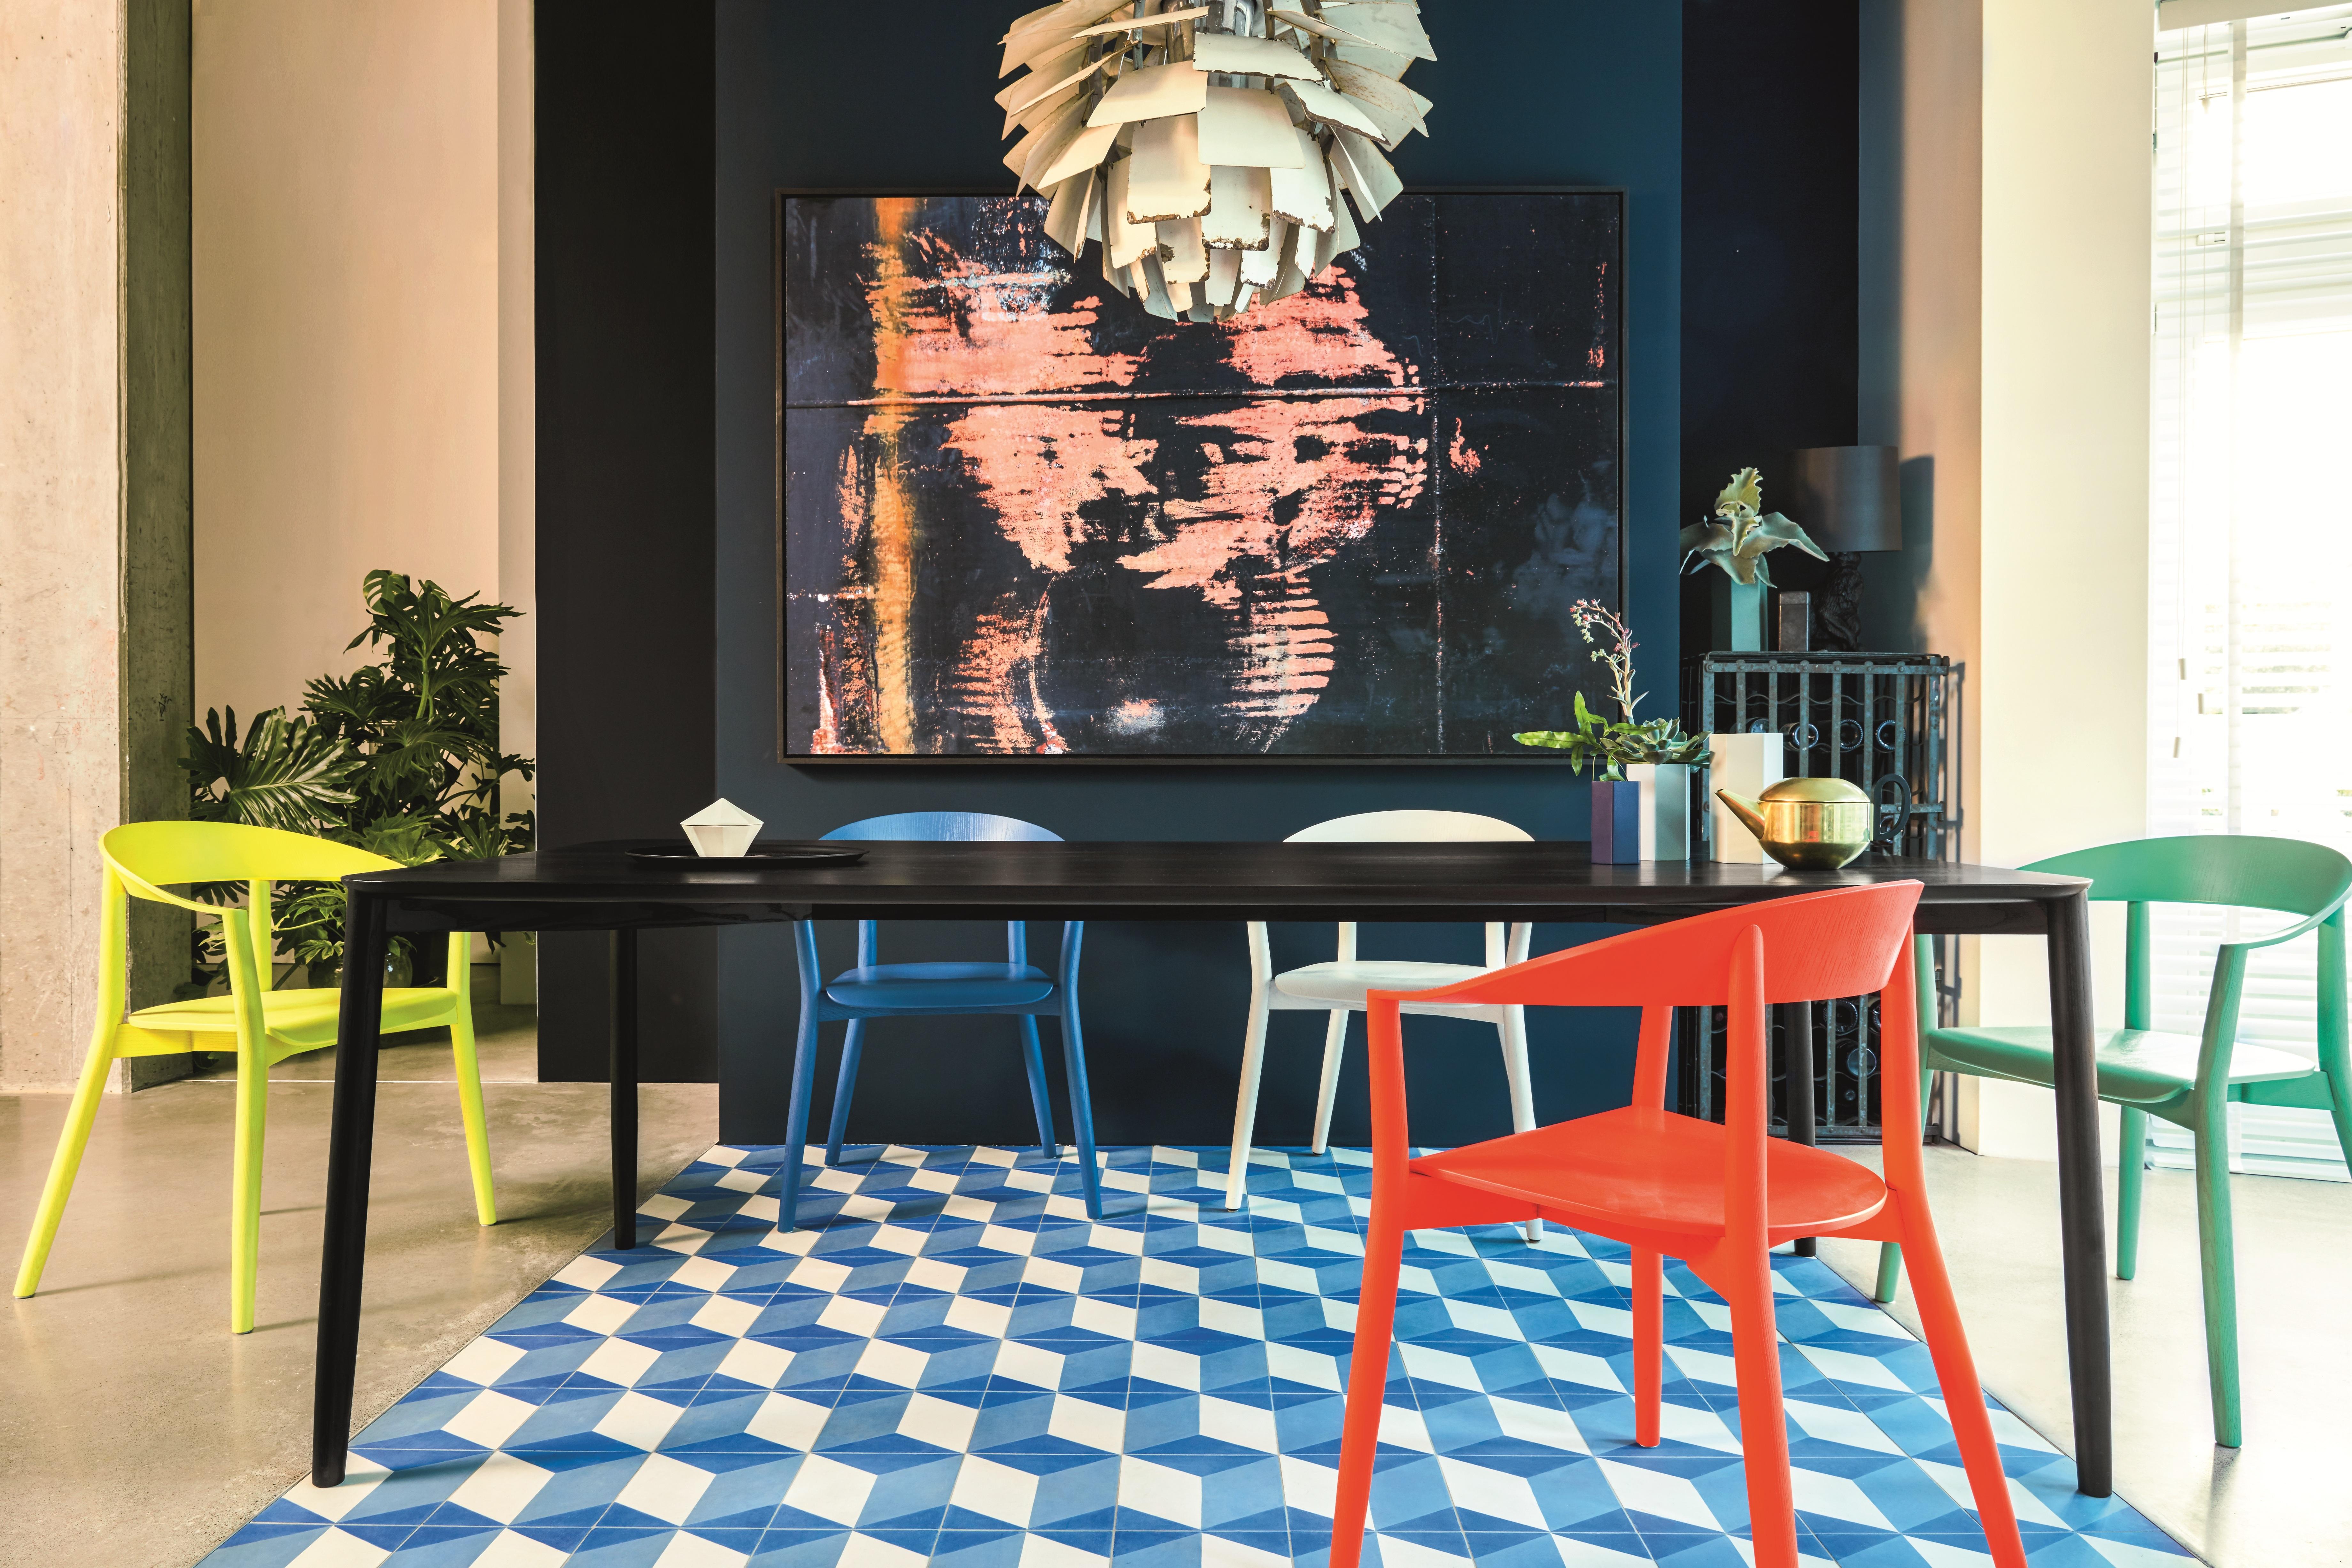 stuhl bunt gallery of full size of stuhleck wetter webcam. Black Bedroom Furniture Sets. Home Design Ideas